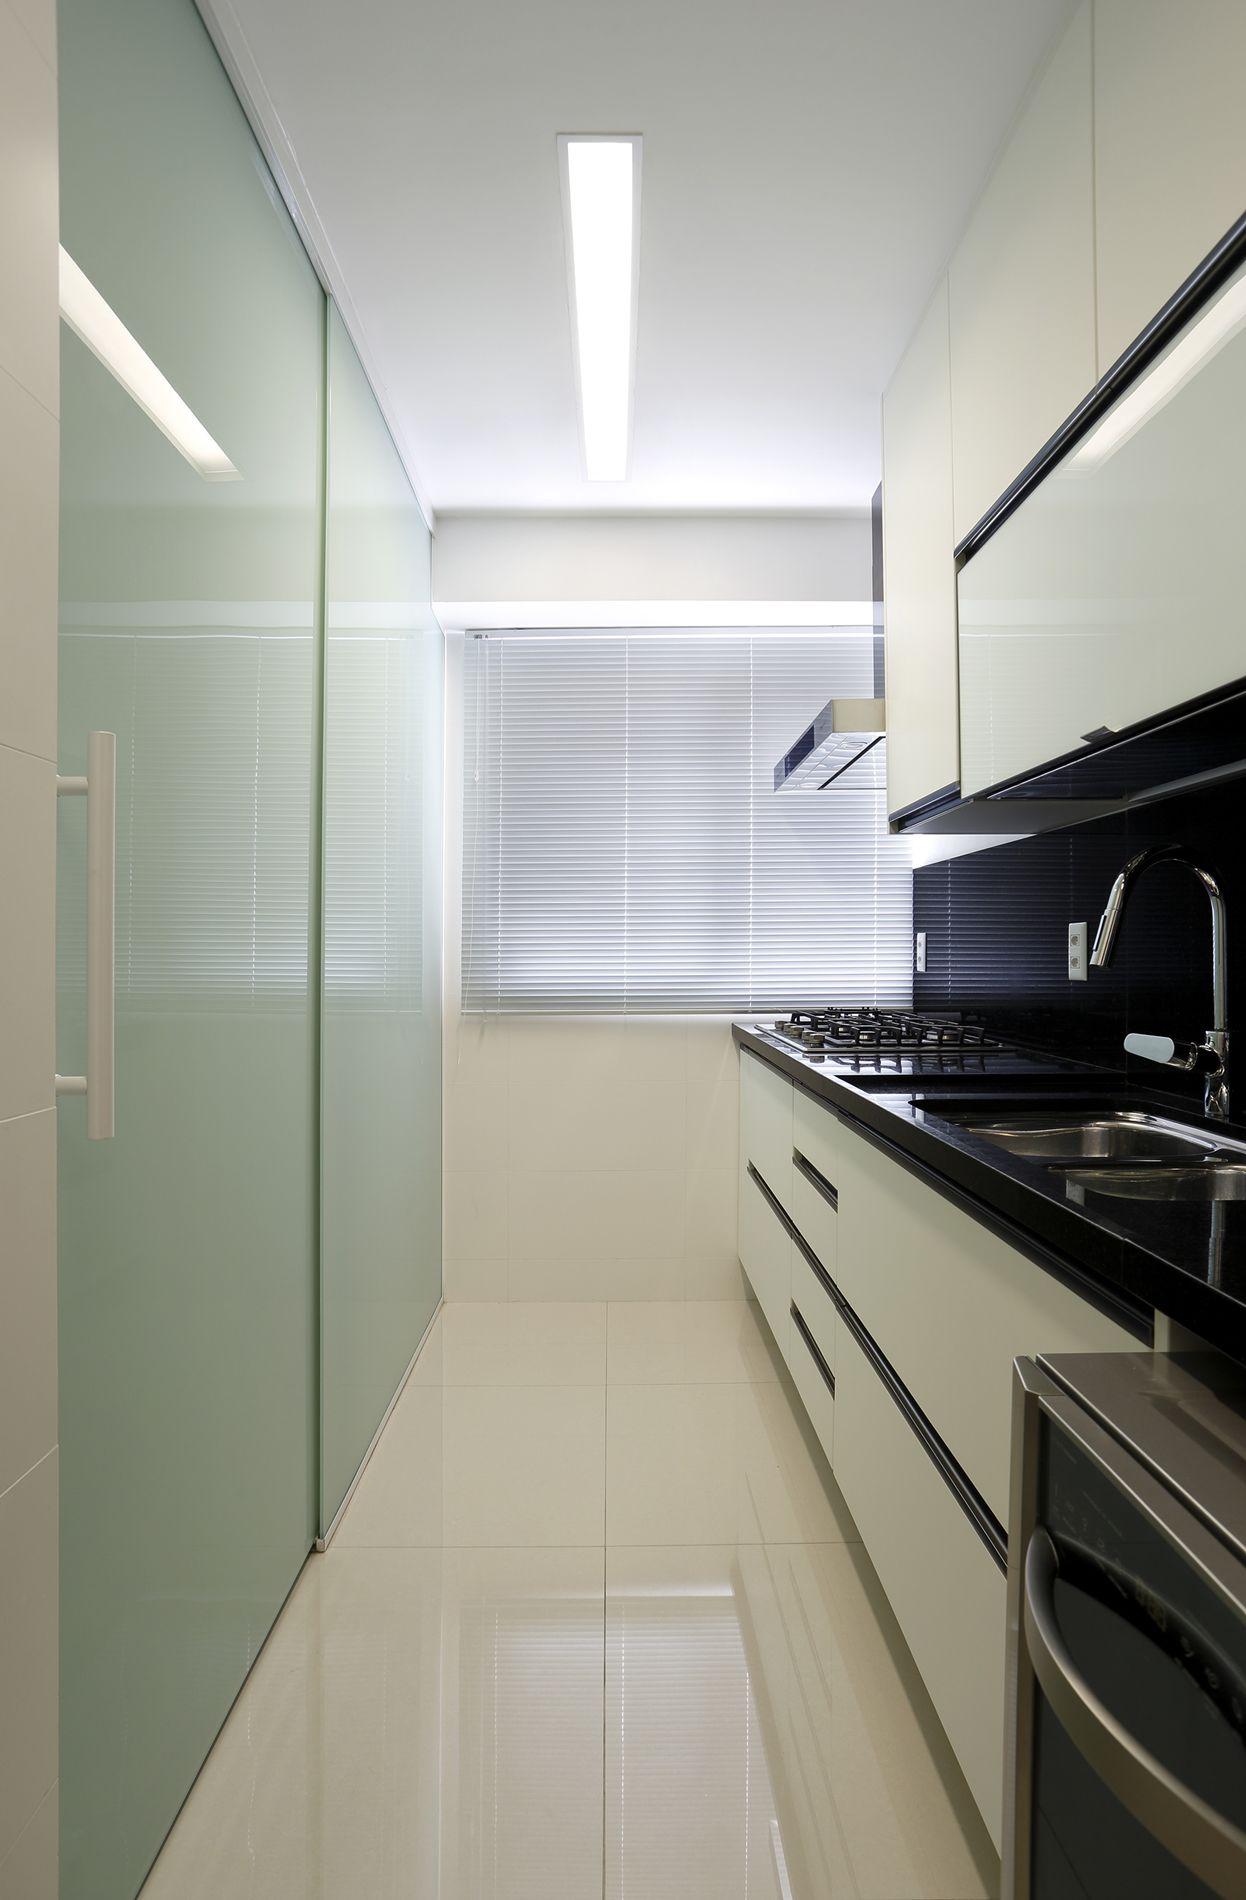 Projeto de Arquitetura e Decoração para Cozinhas em Apartamentos Rj #575141 1246 1900